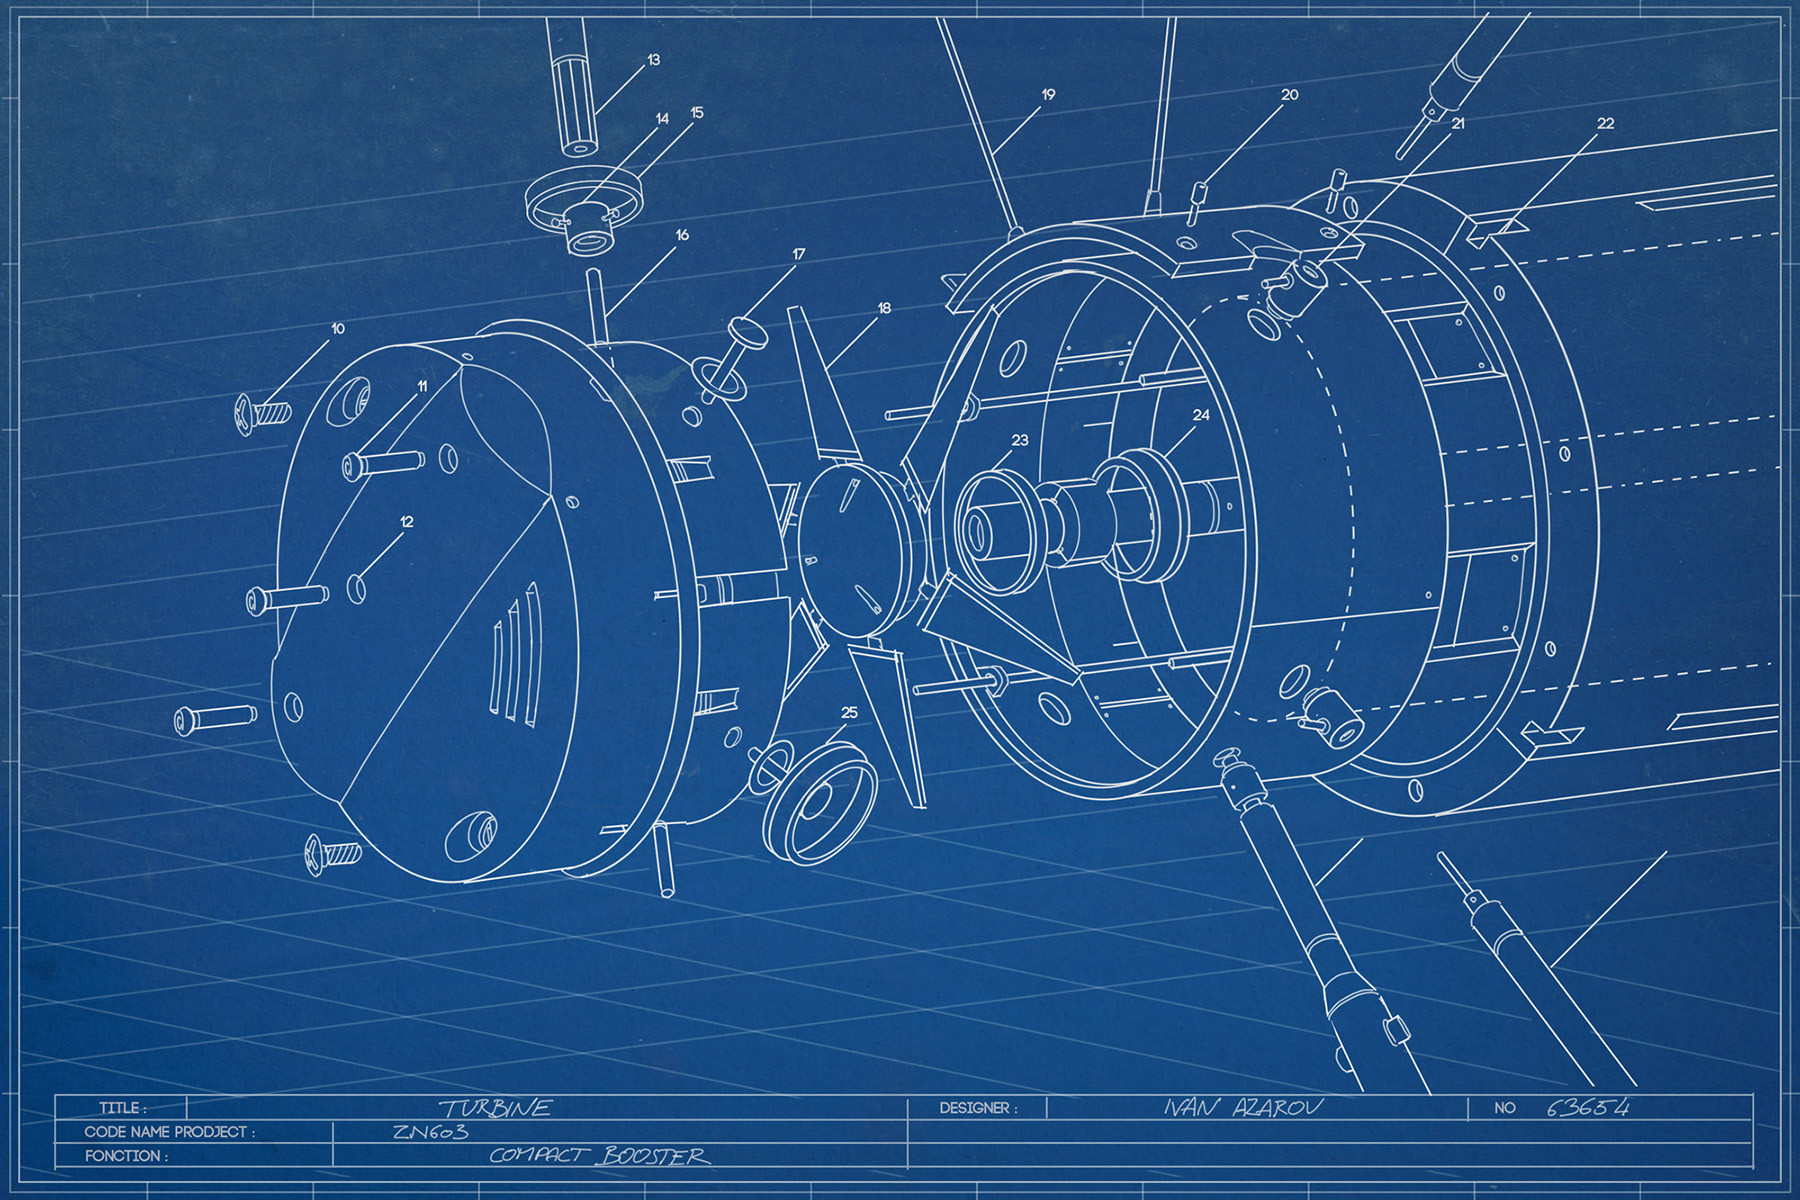 Fred augis blueprinta